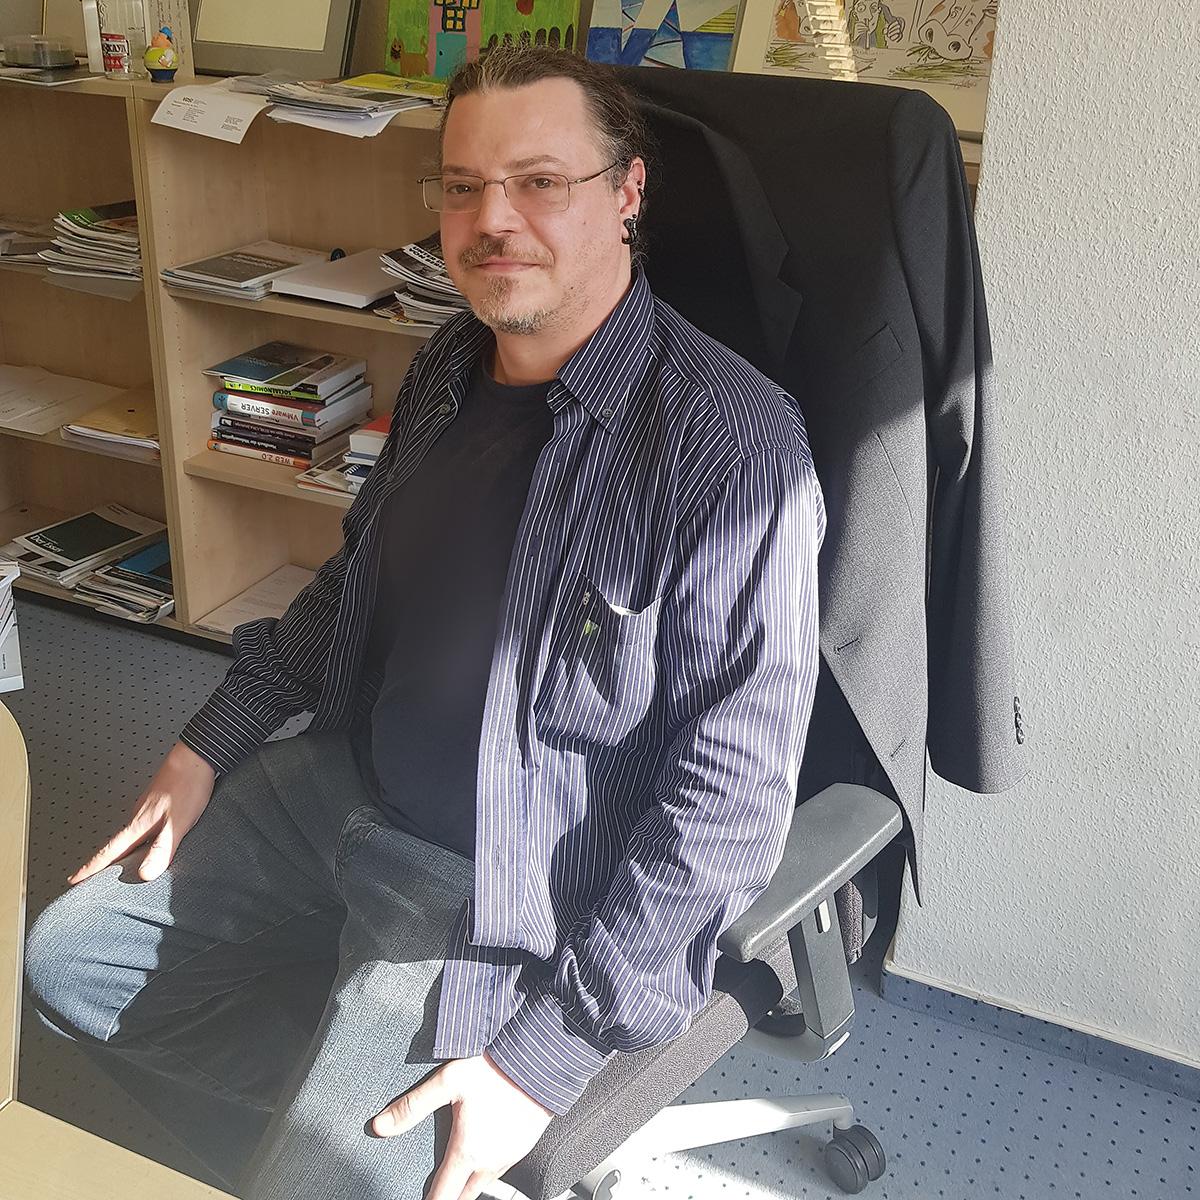 Christian Hechtberger, Sicherheitsbeauftragter